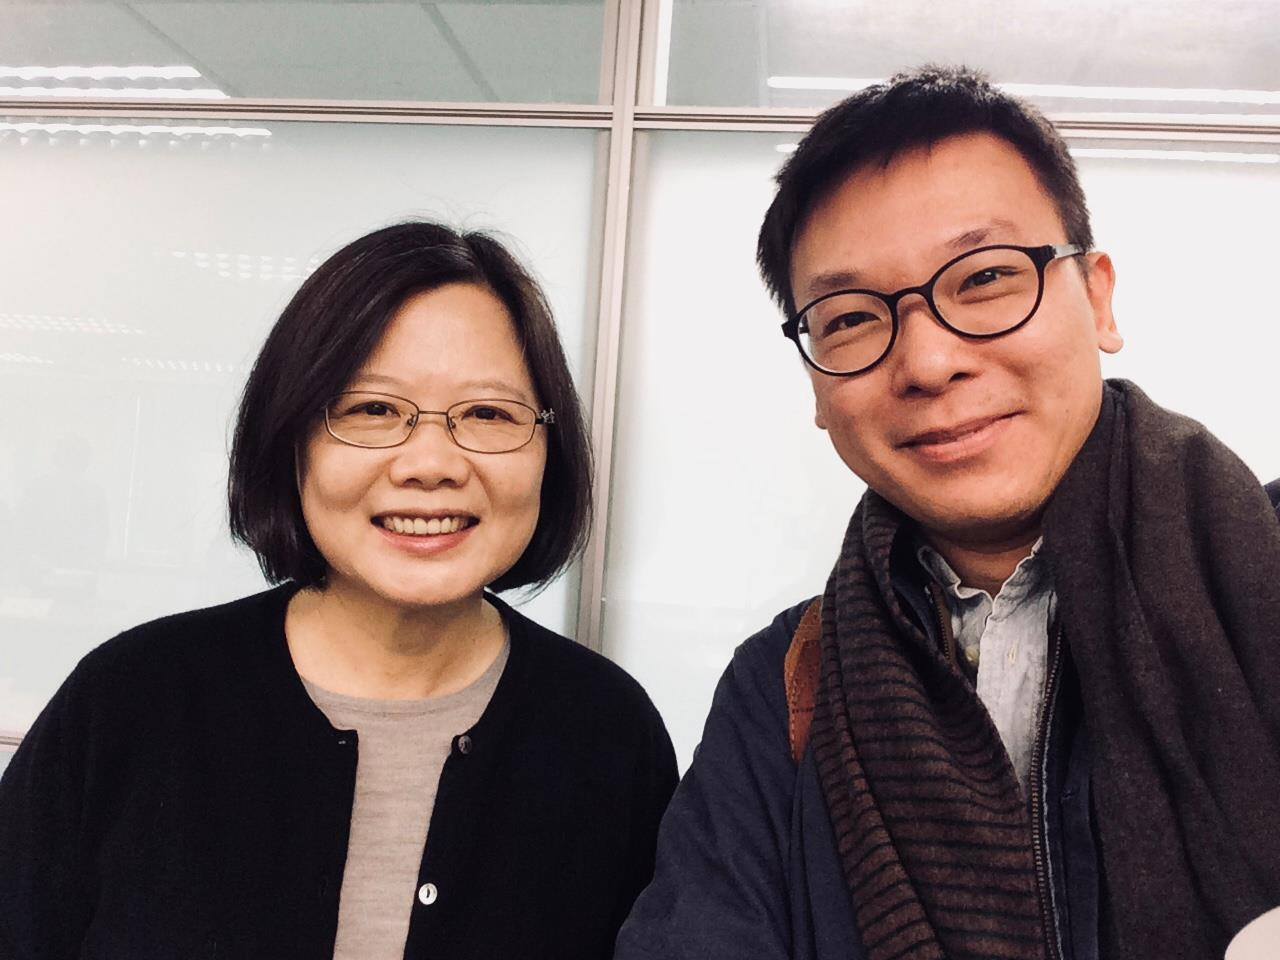 林�w帆�c蔡��y合照,他表示,�@��照片是2014年12月23日和公民��政���h推�勇�...